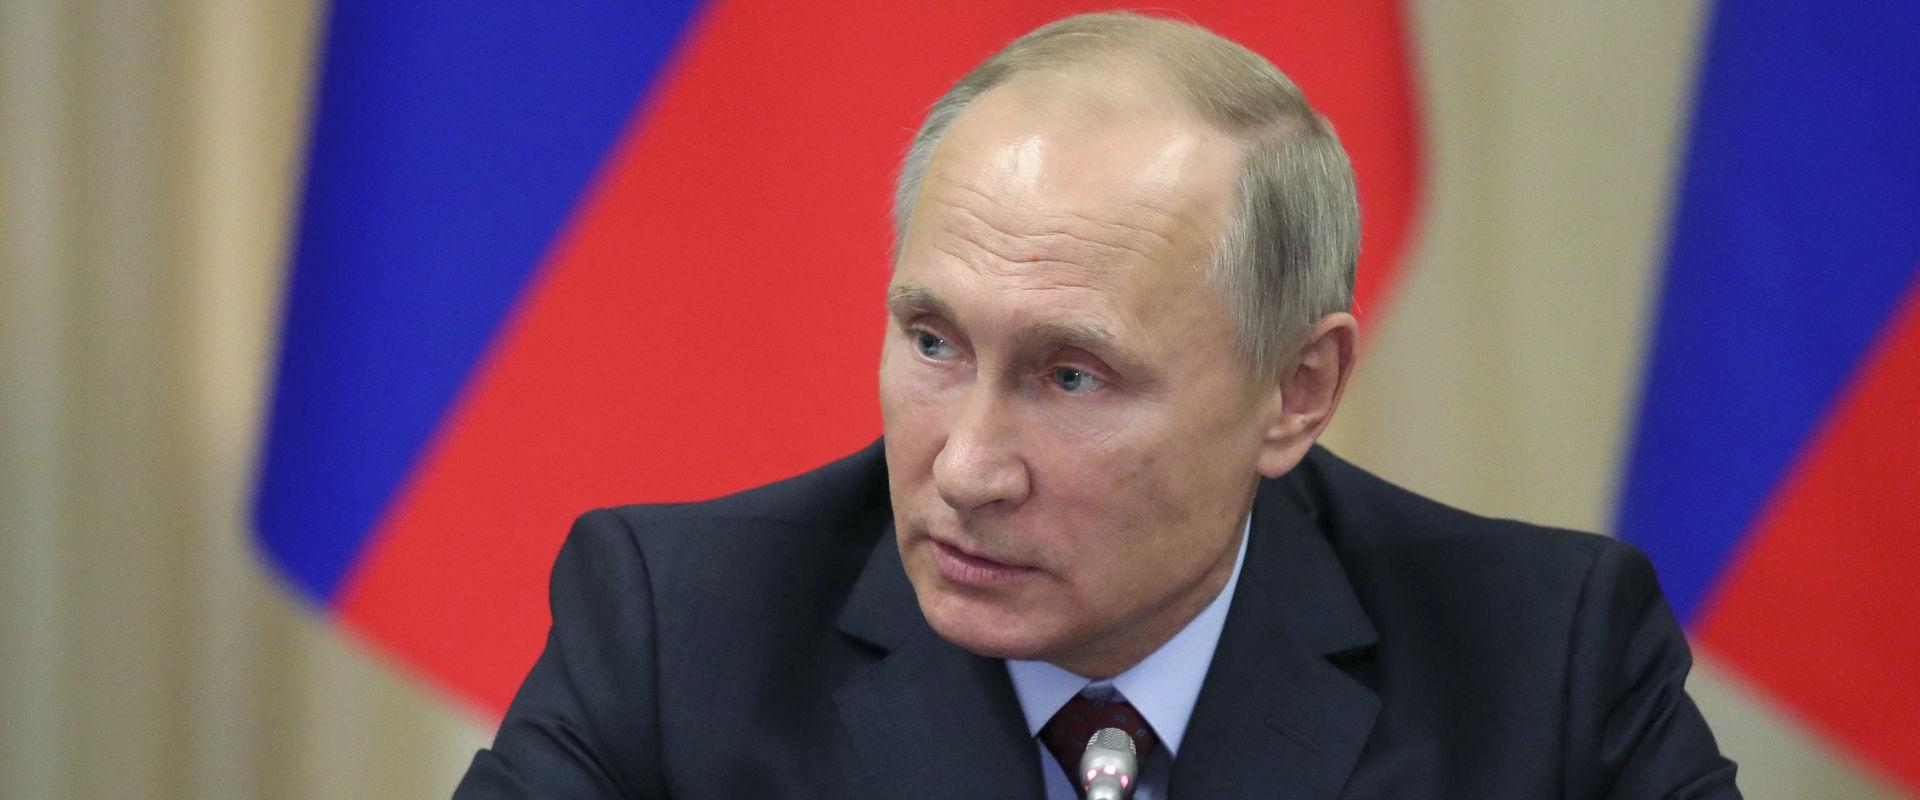 נשיא רוסיה, ולדימיר פוטין